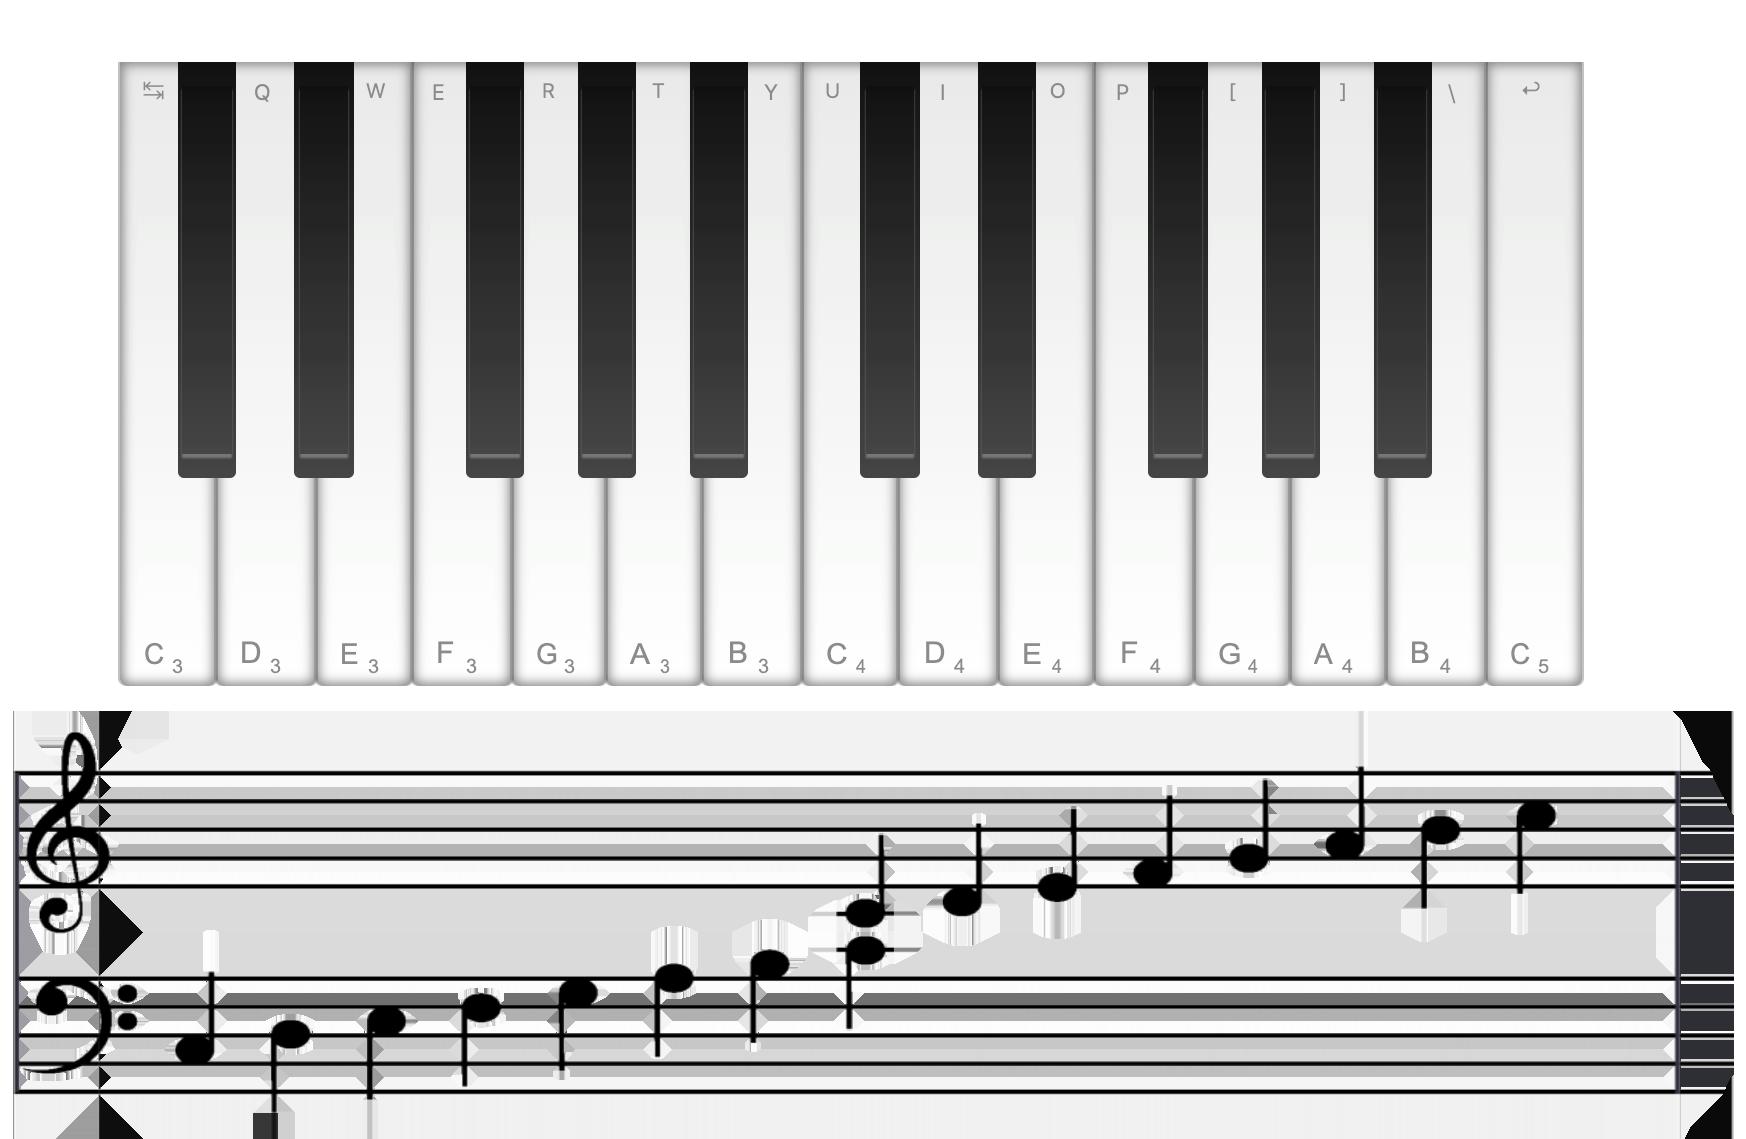 Tastatur Klavier Online